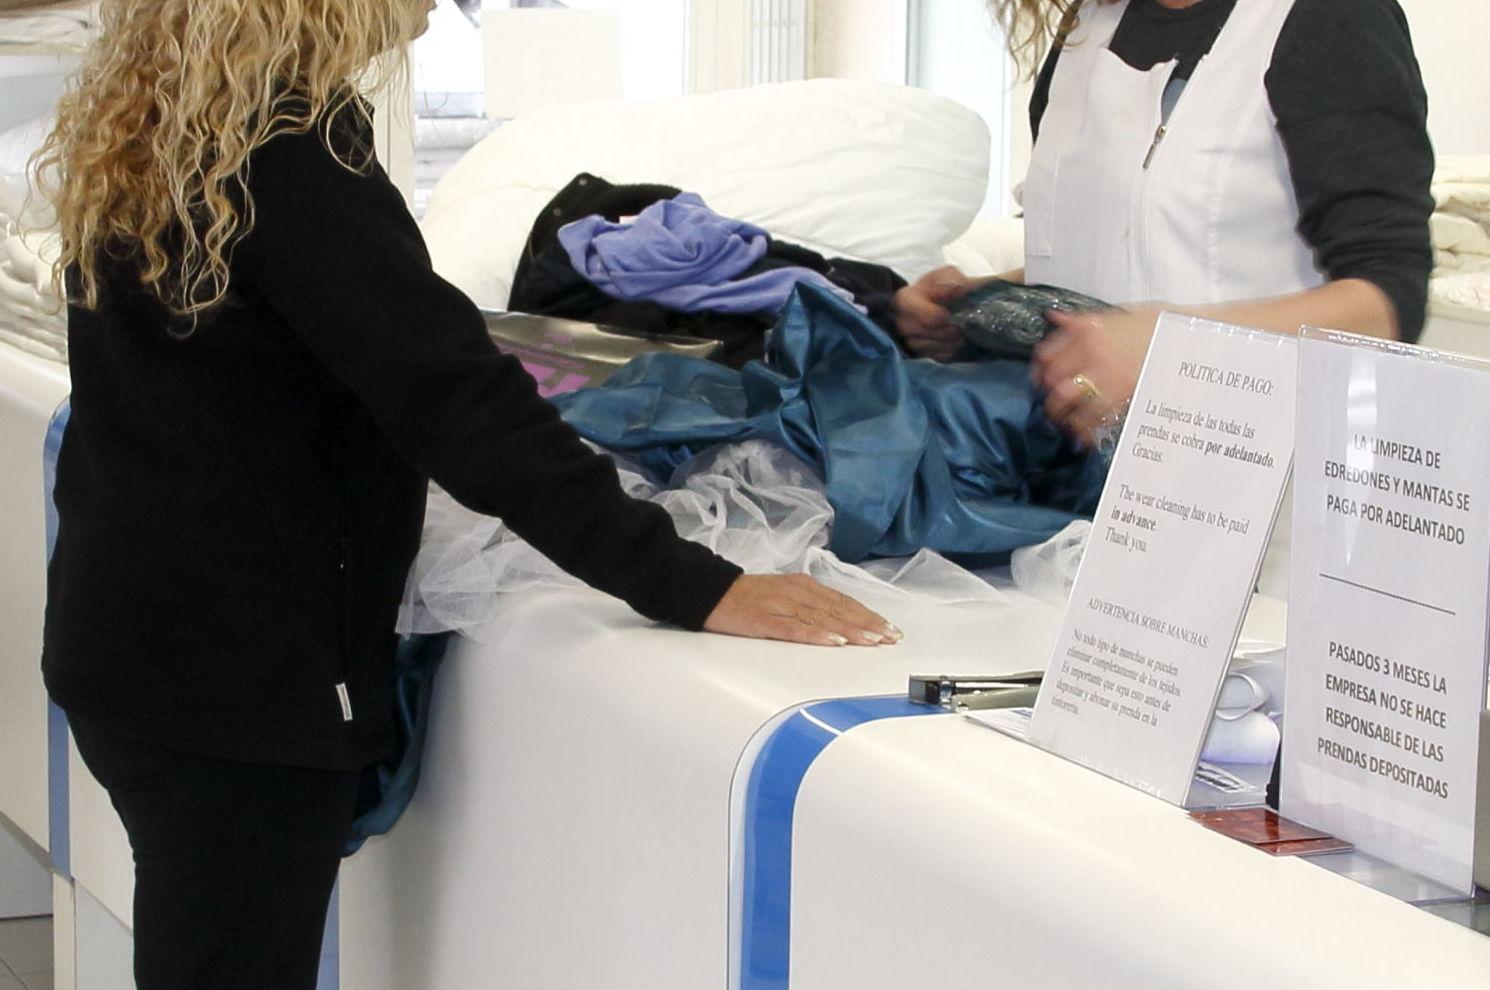 Limpieza de ropa de cama en Eivissa Baleares